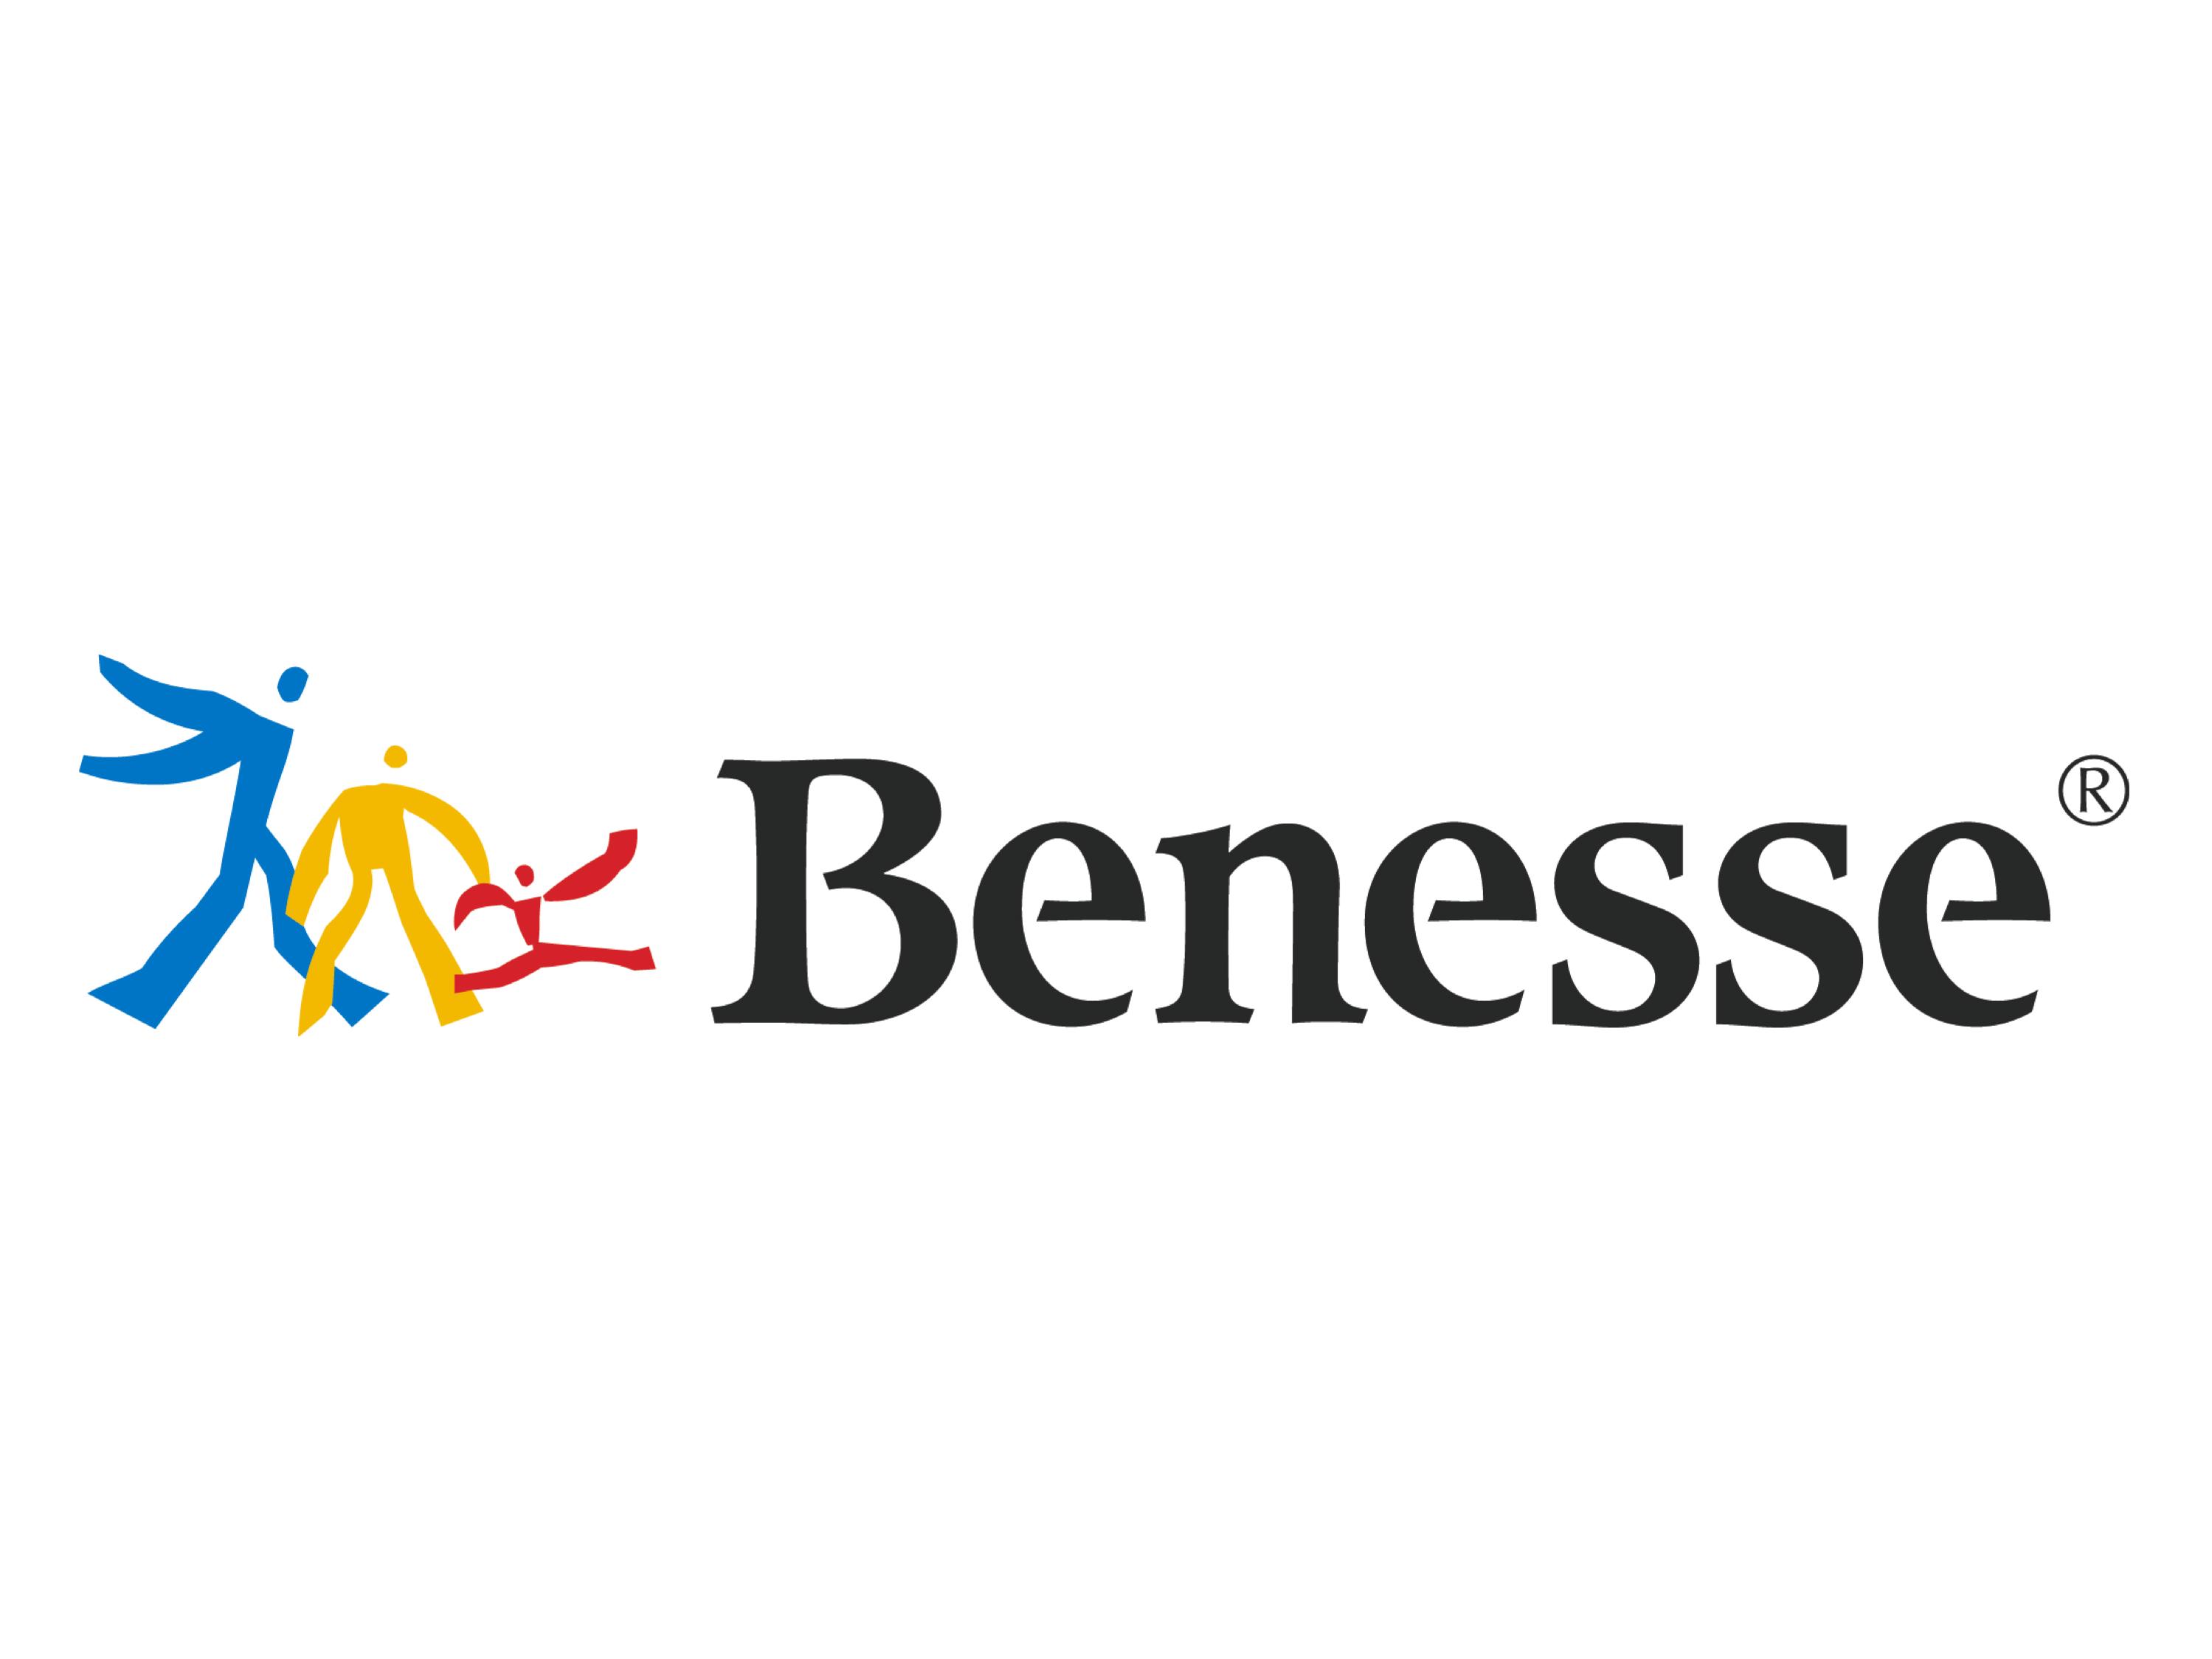 ベネッセ「進研ゼミ」など受講者の個人情報が流出 最大で約2070万件